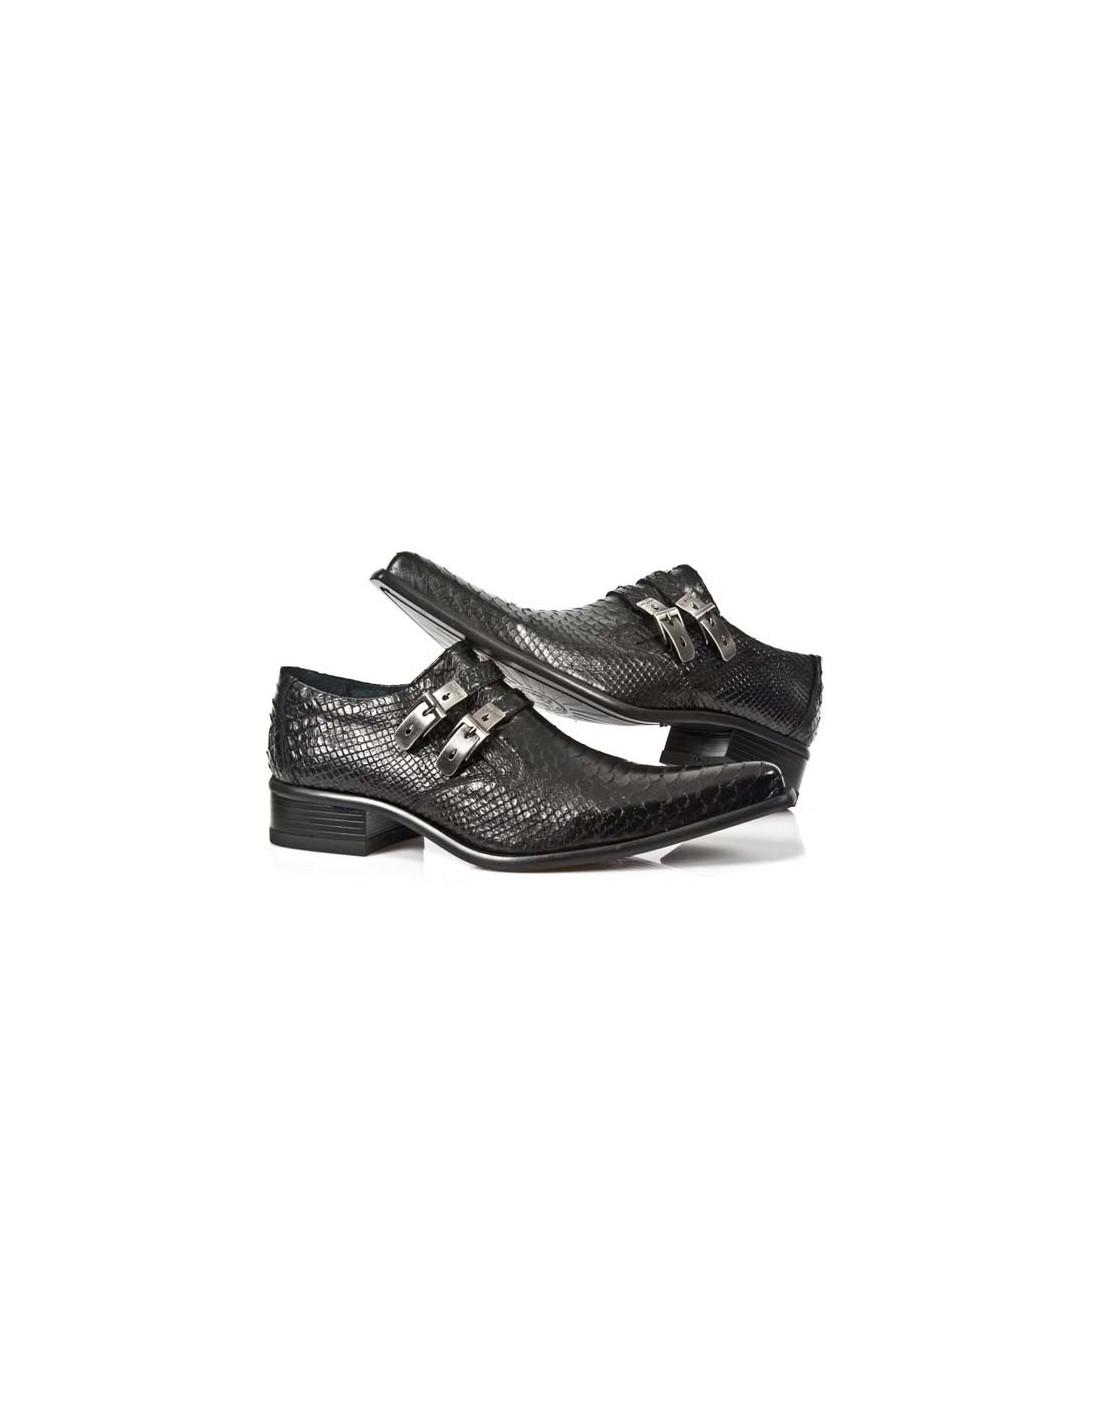 Chaussures danse salon l opard l gantes meschaussuresetmoi for Chaussures de danse de salon toulouse